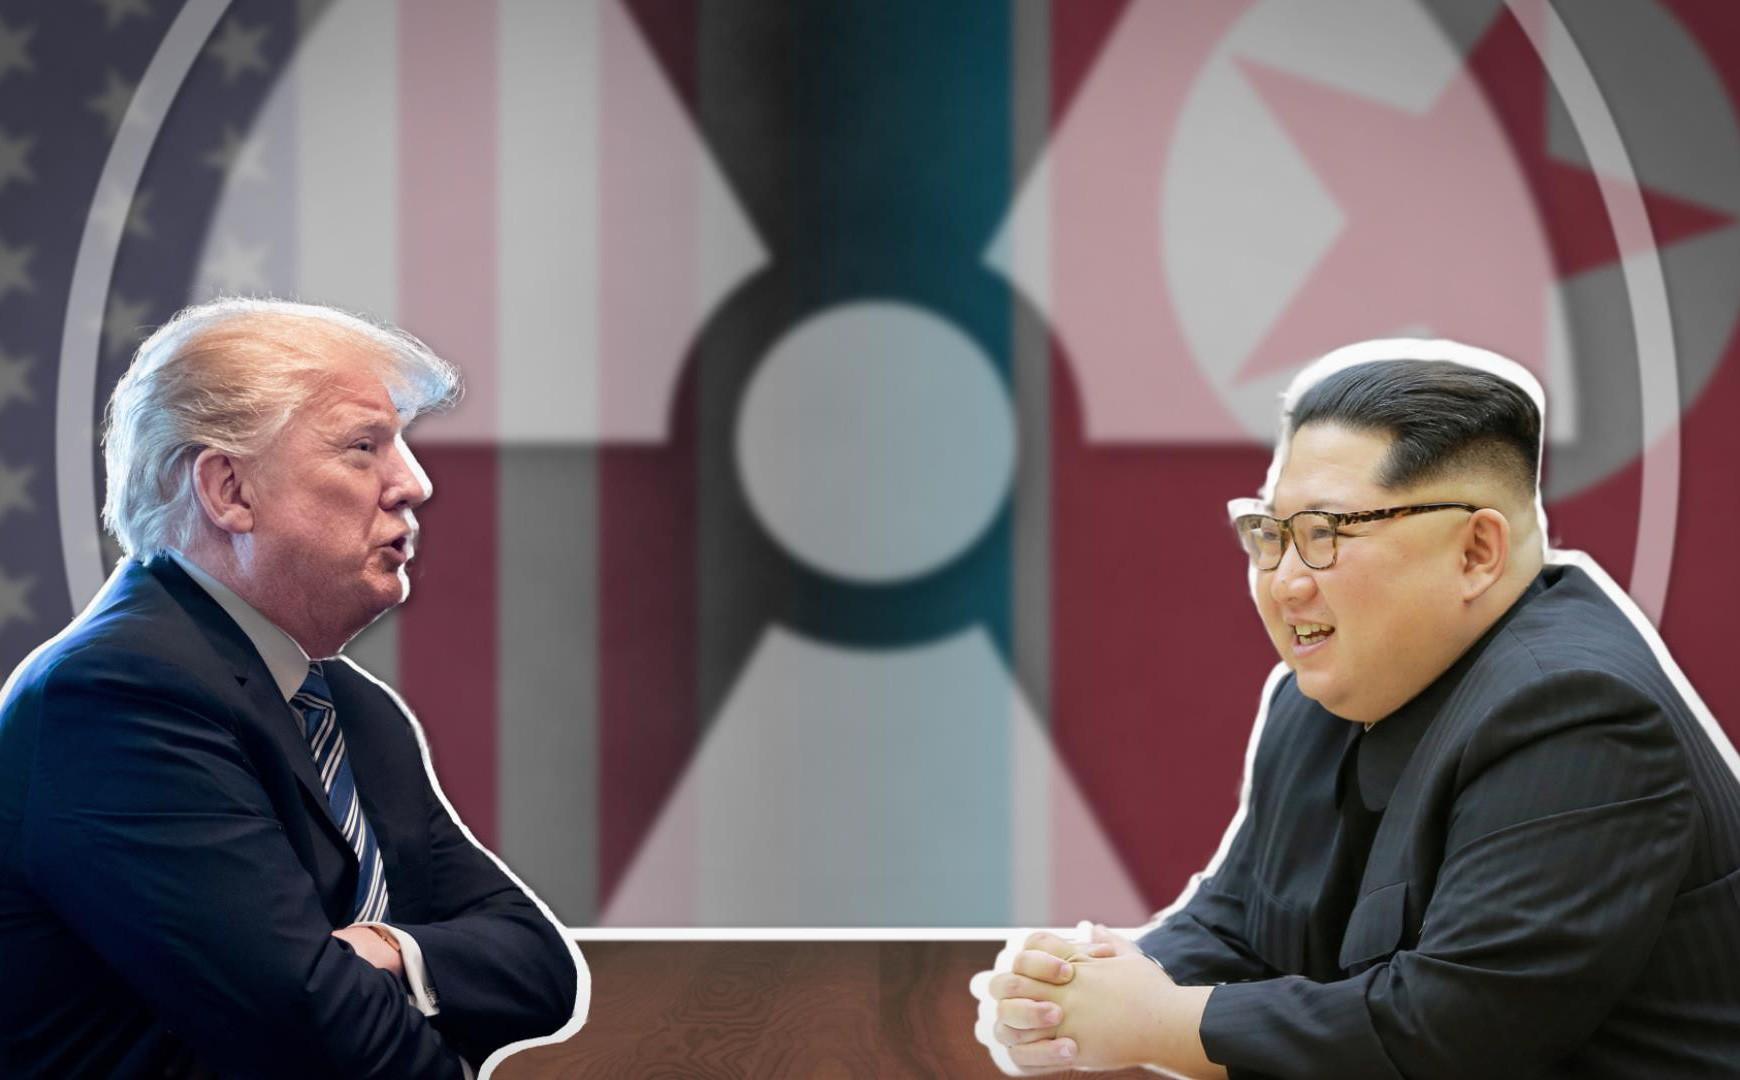 Quan chức Mỹ đi Singapore chuẩn bị thượng đỉnh, TT Trump khẳng định